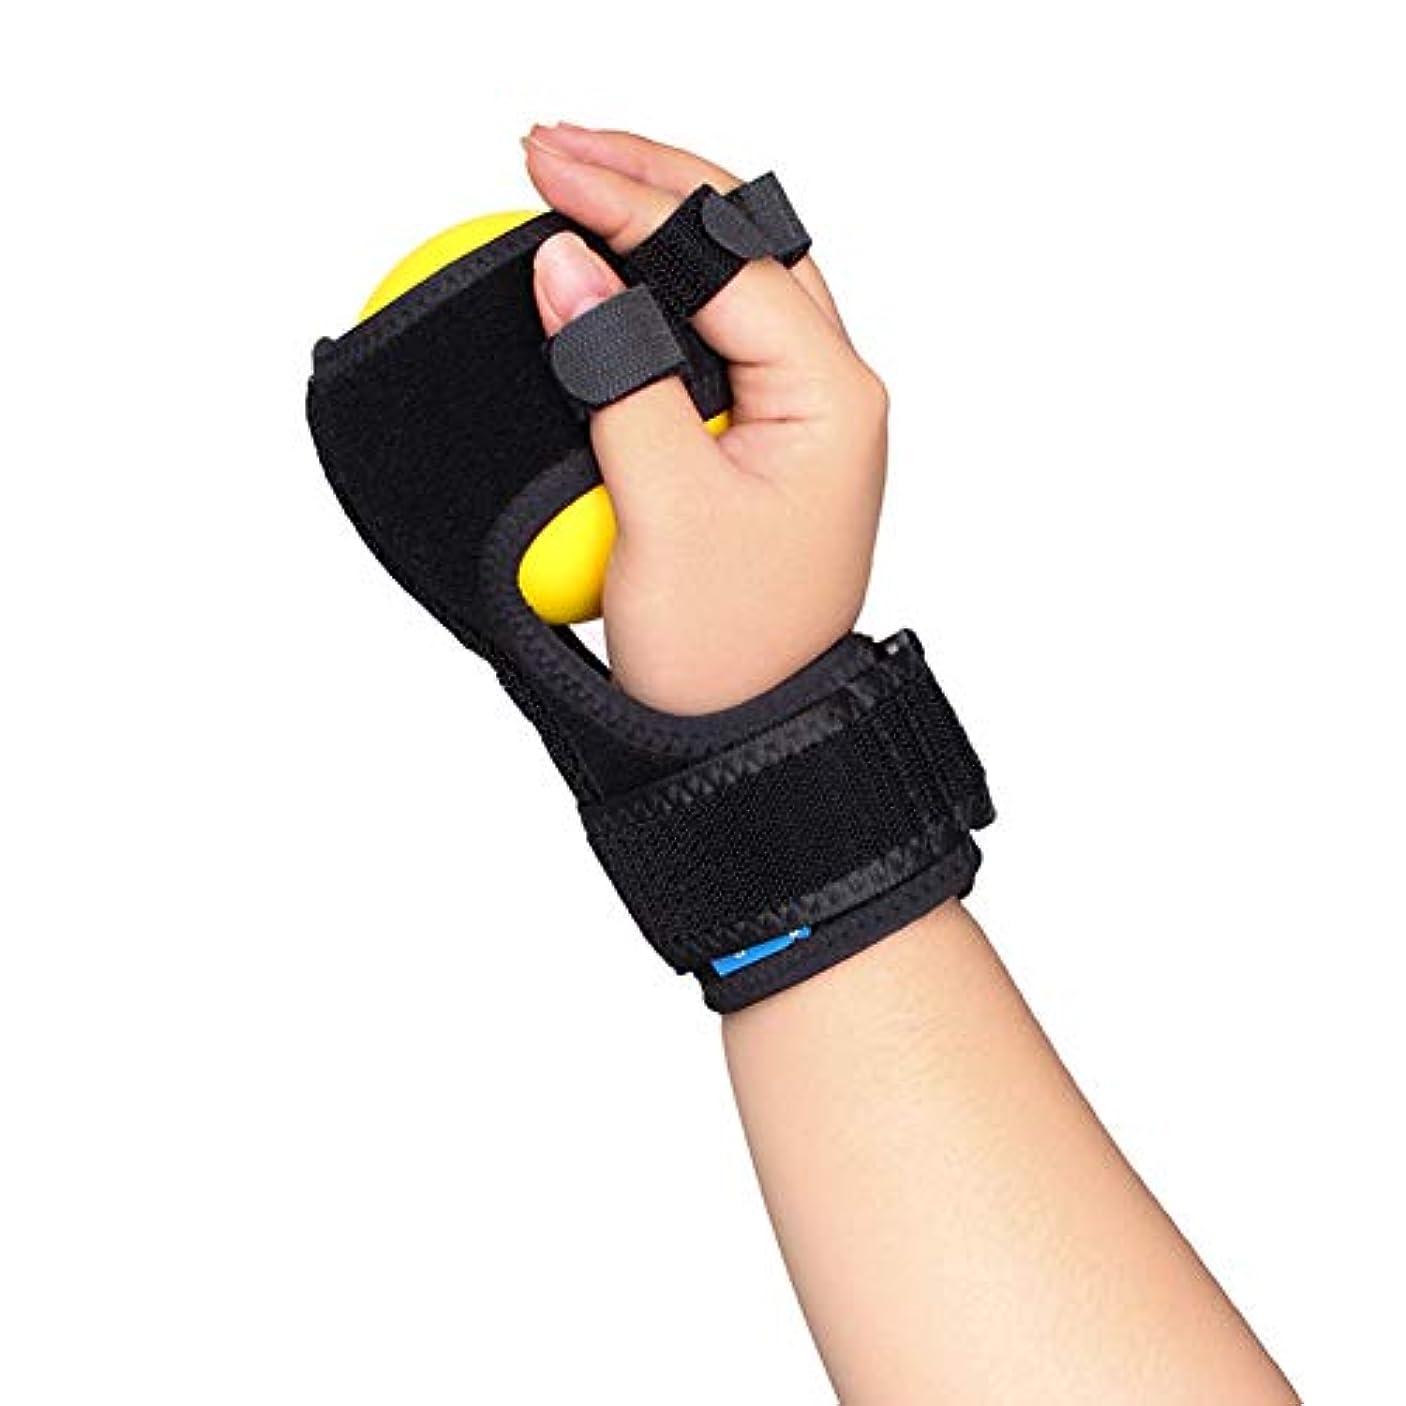 ホイスト負勘違いする脳卒中リハビリテーション関節炎手袋マレットブレーストリガー指関節炎と靭帯の痛みを軽減するブレースコレクター